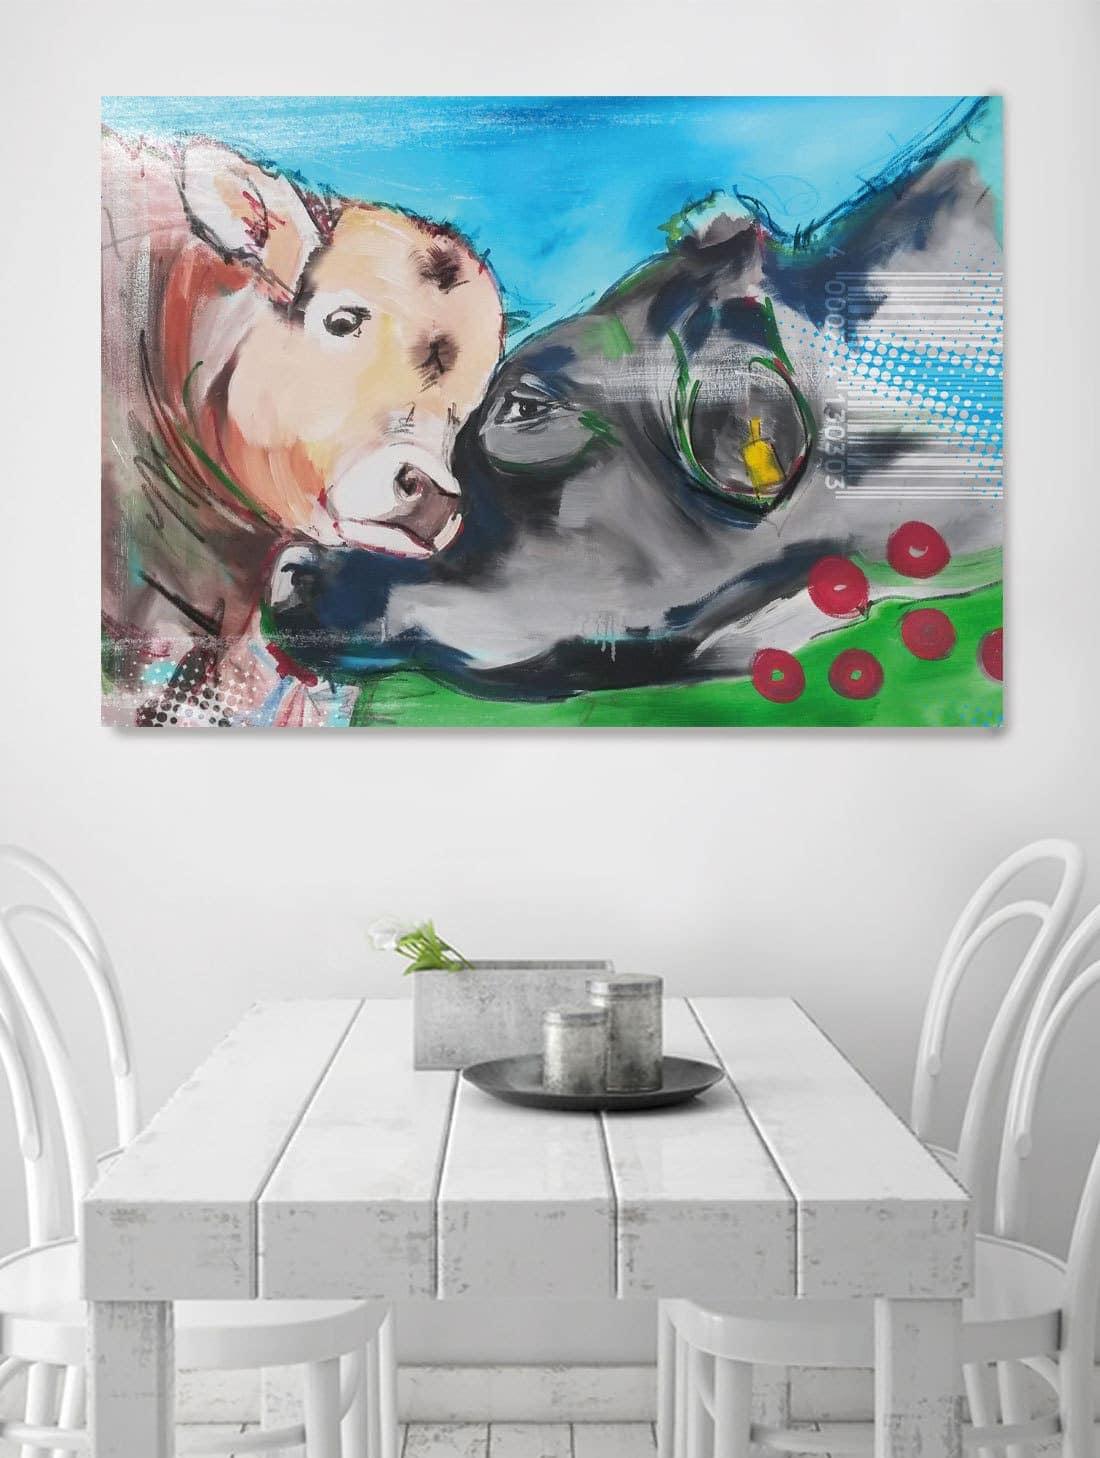 kunstdruck motiv kuh und kalb auf leinwand kuh bilder auf leinwand. Black Bedroom Furniture Sets. Home Design Ideas